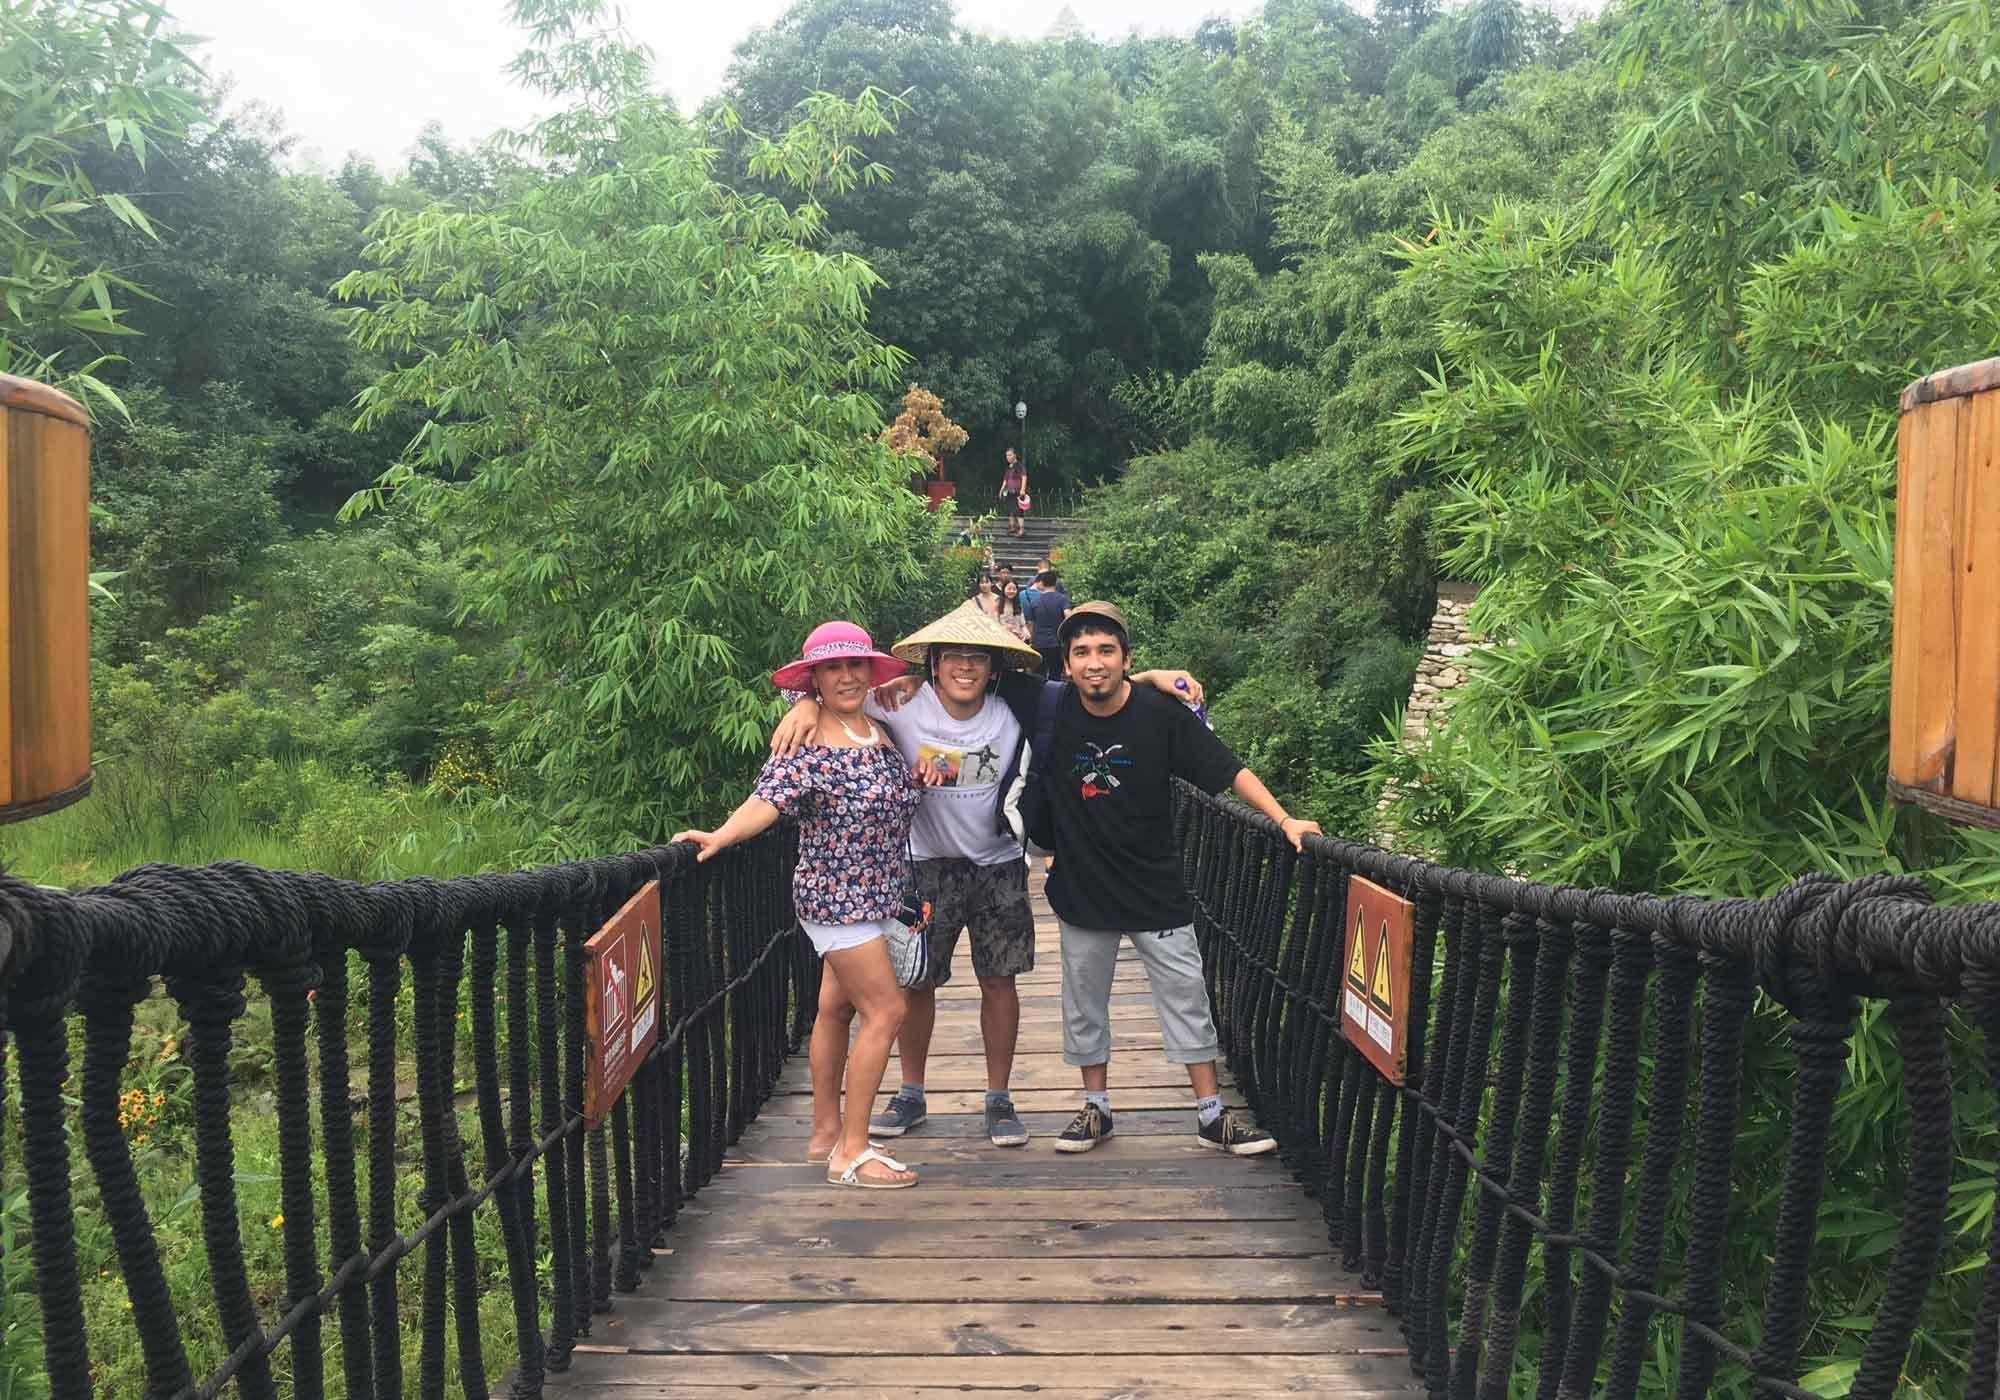 Chengdu Private Tour of Qingcheng Mountain and Dujiangyan